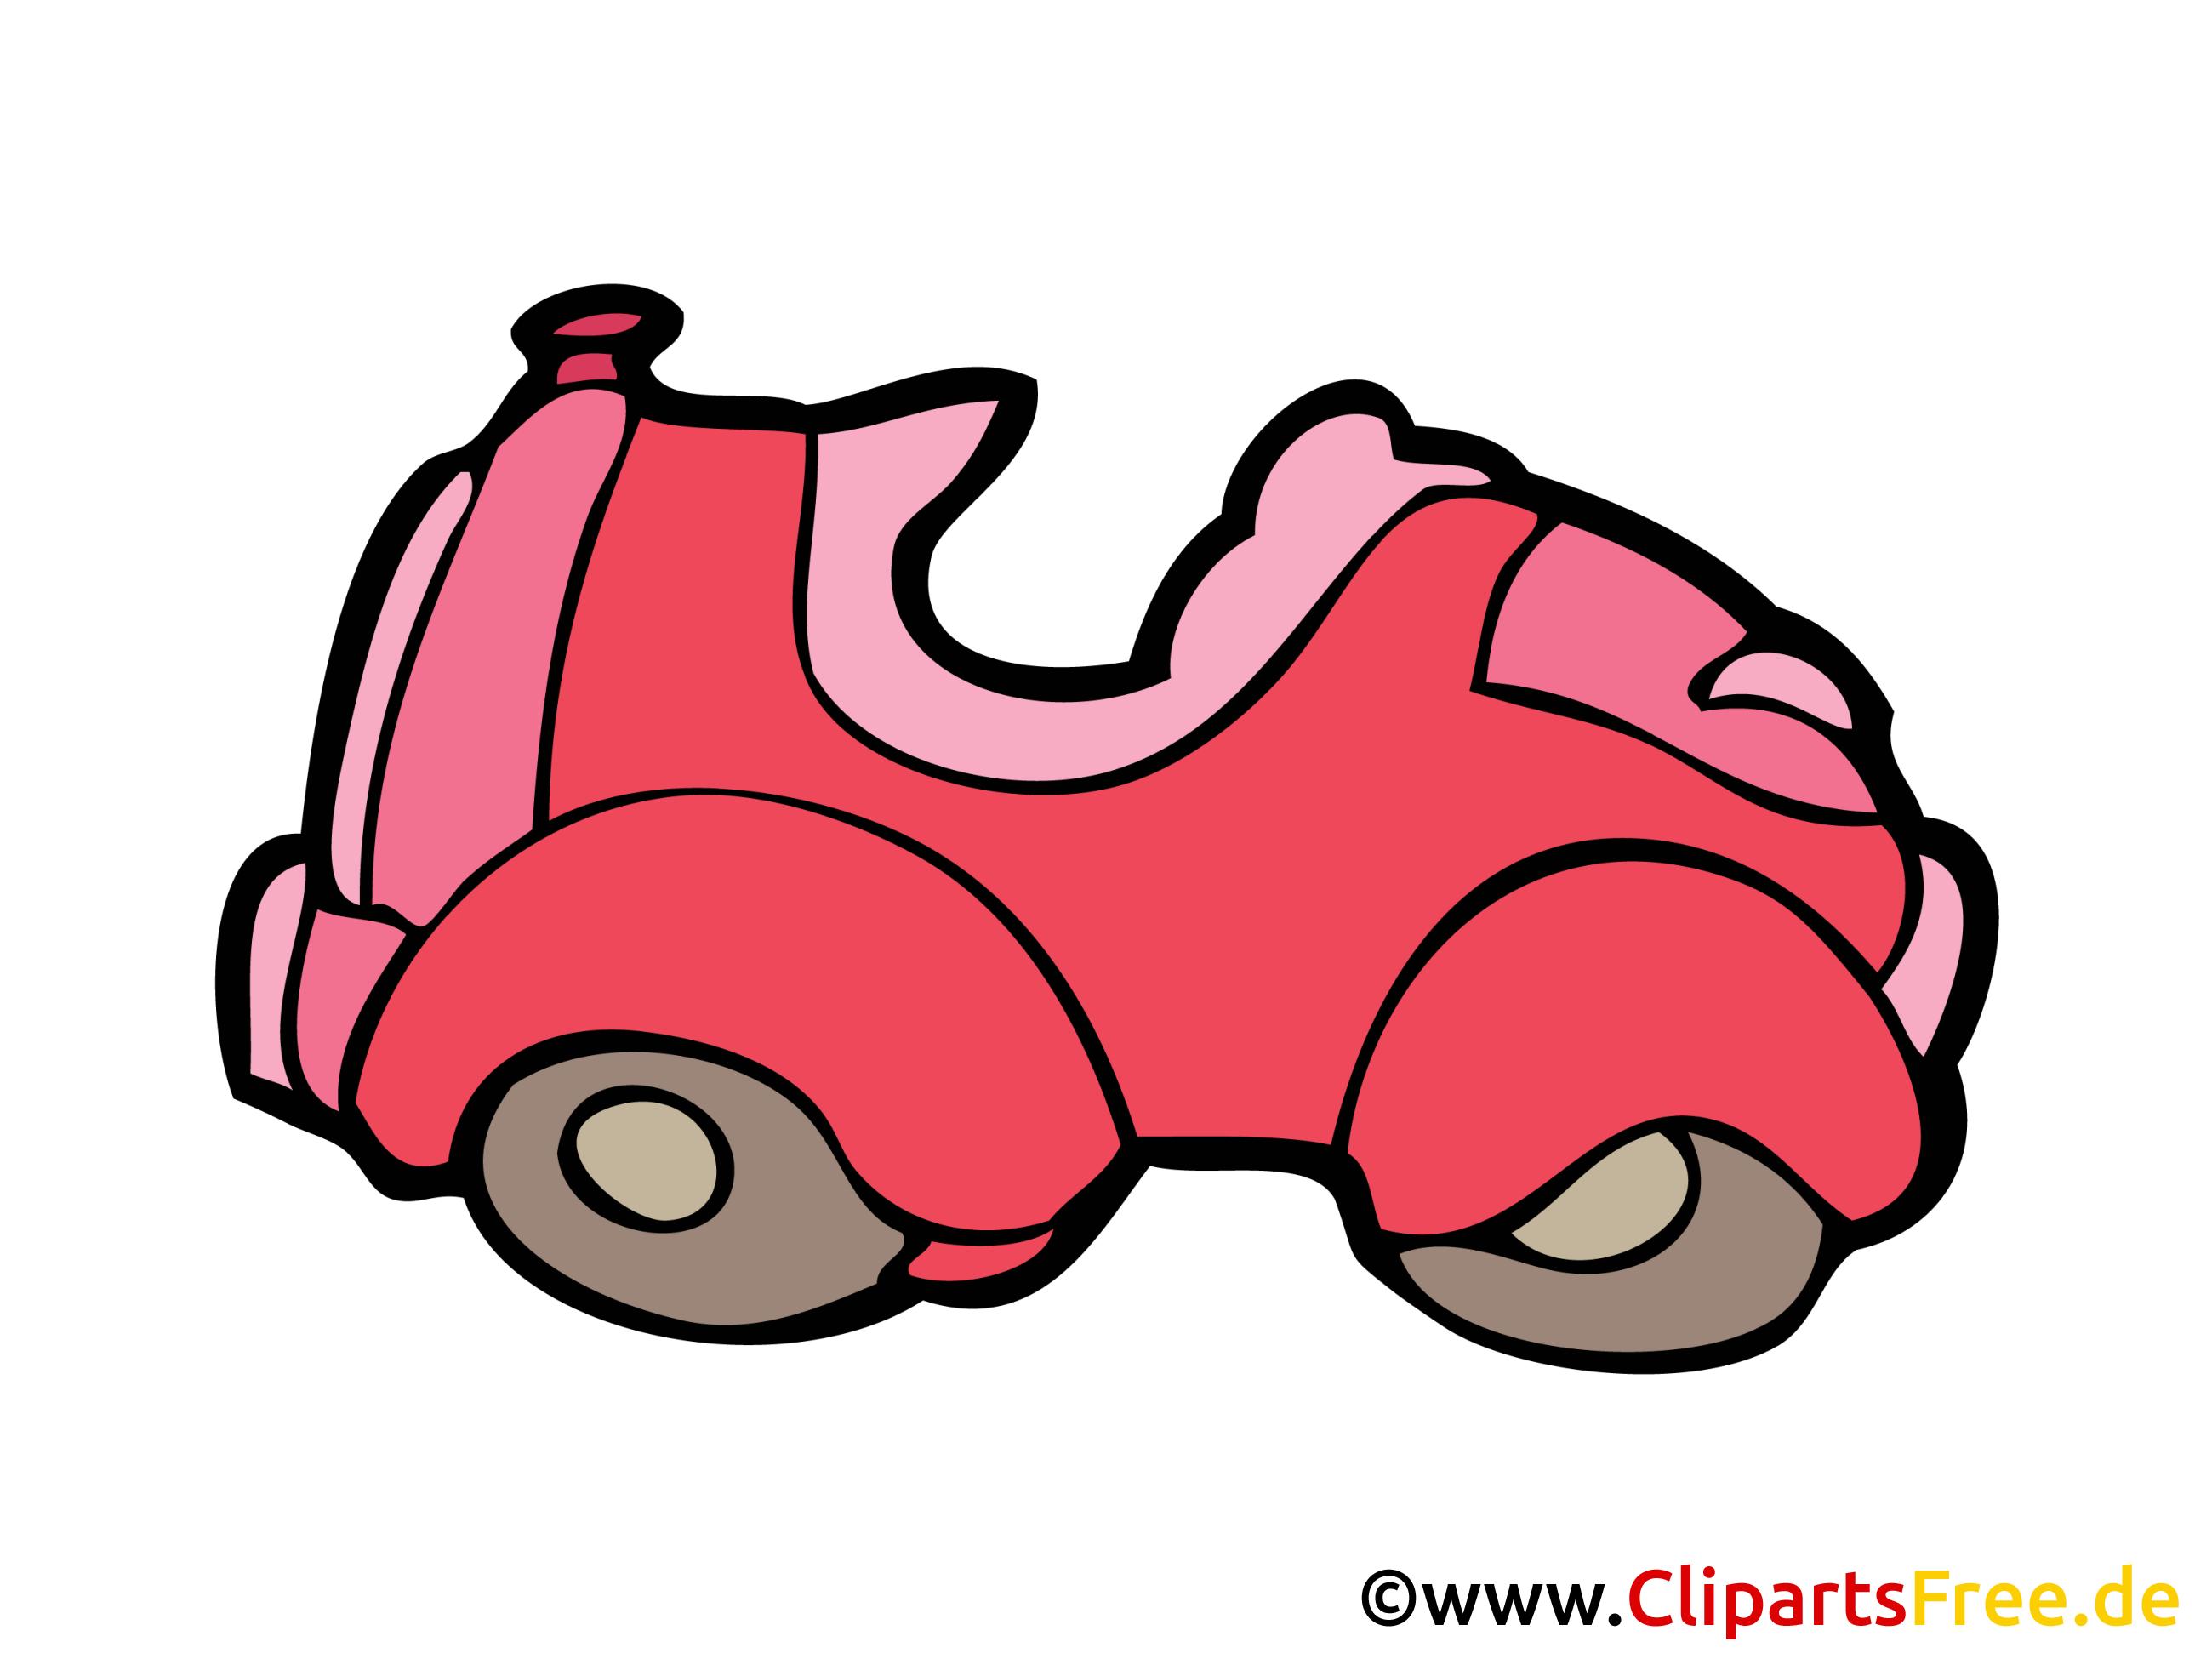 Comic Auto Bild, Clipart, Illustration, Grafik, Zeichnung kostenlos.